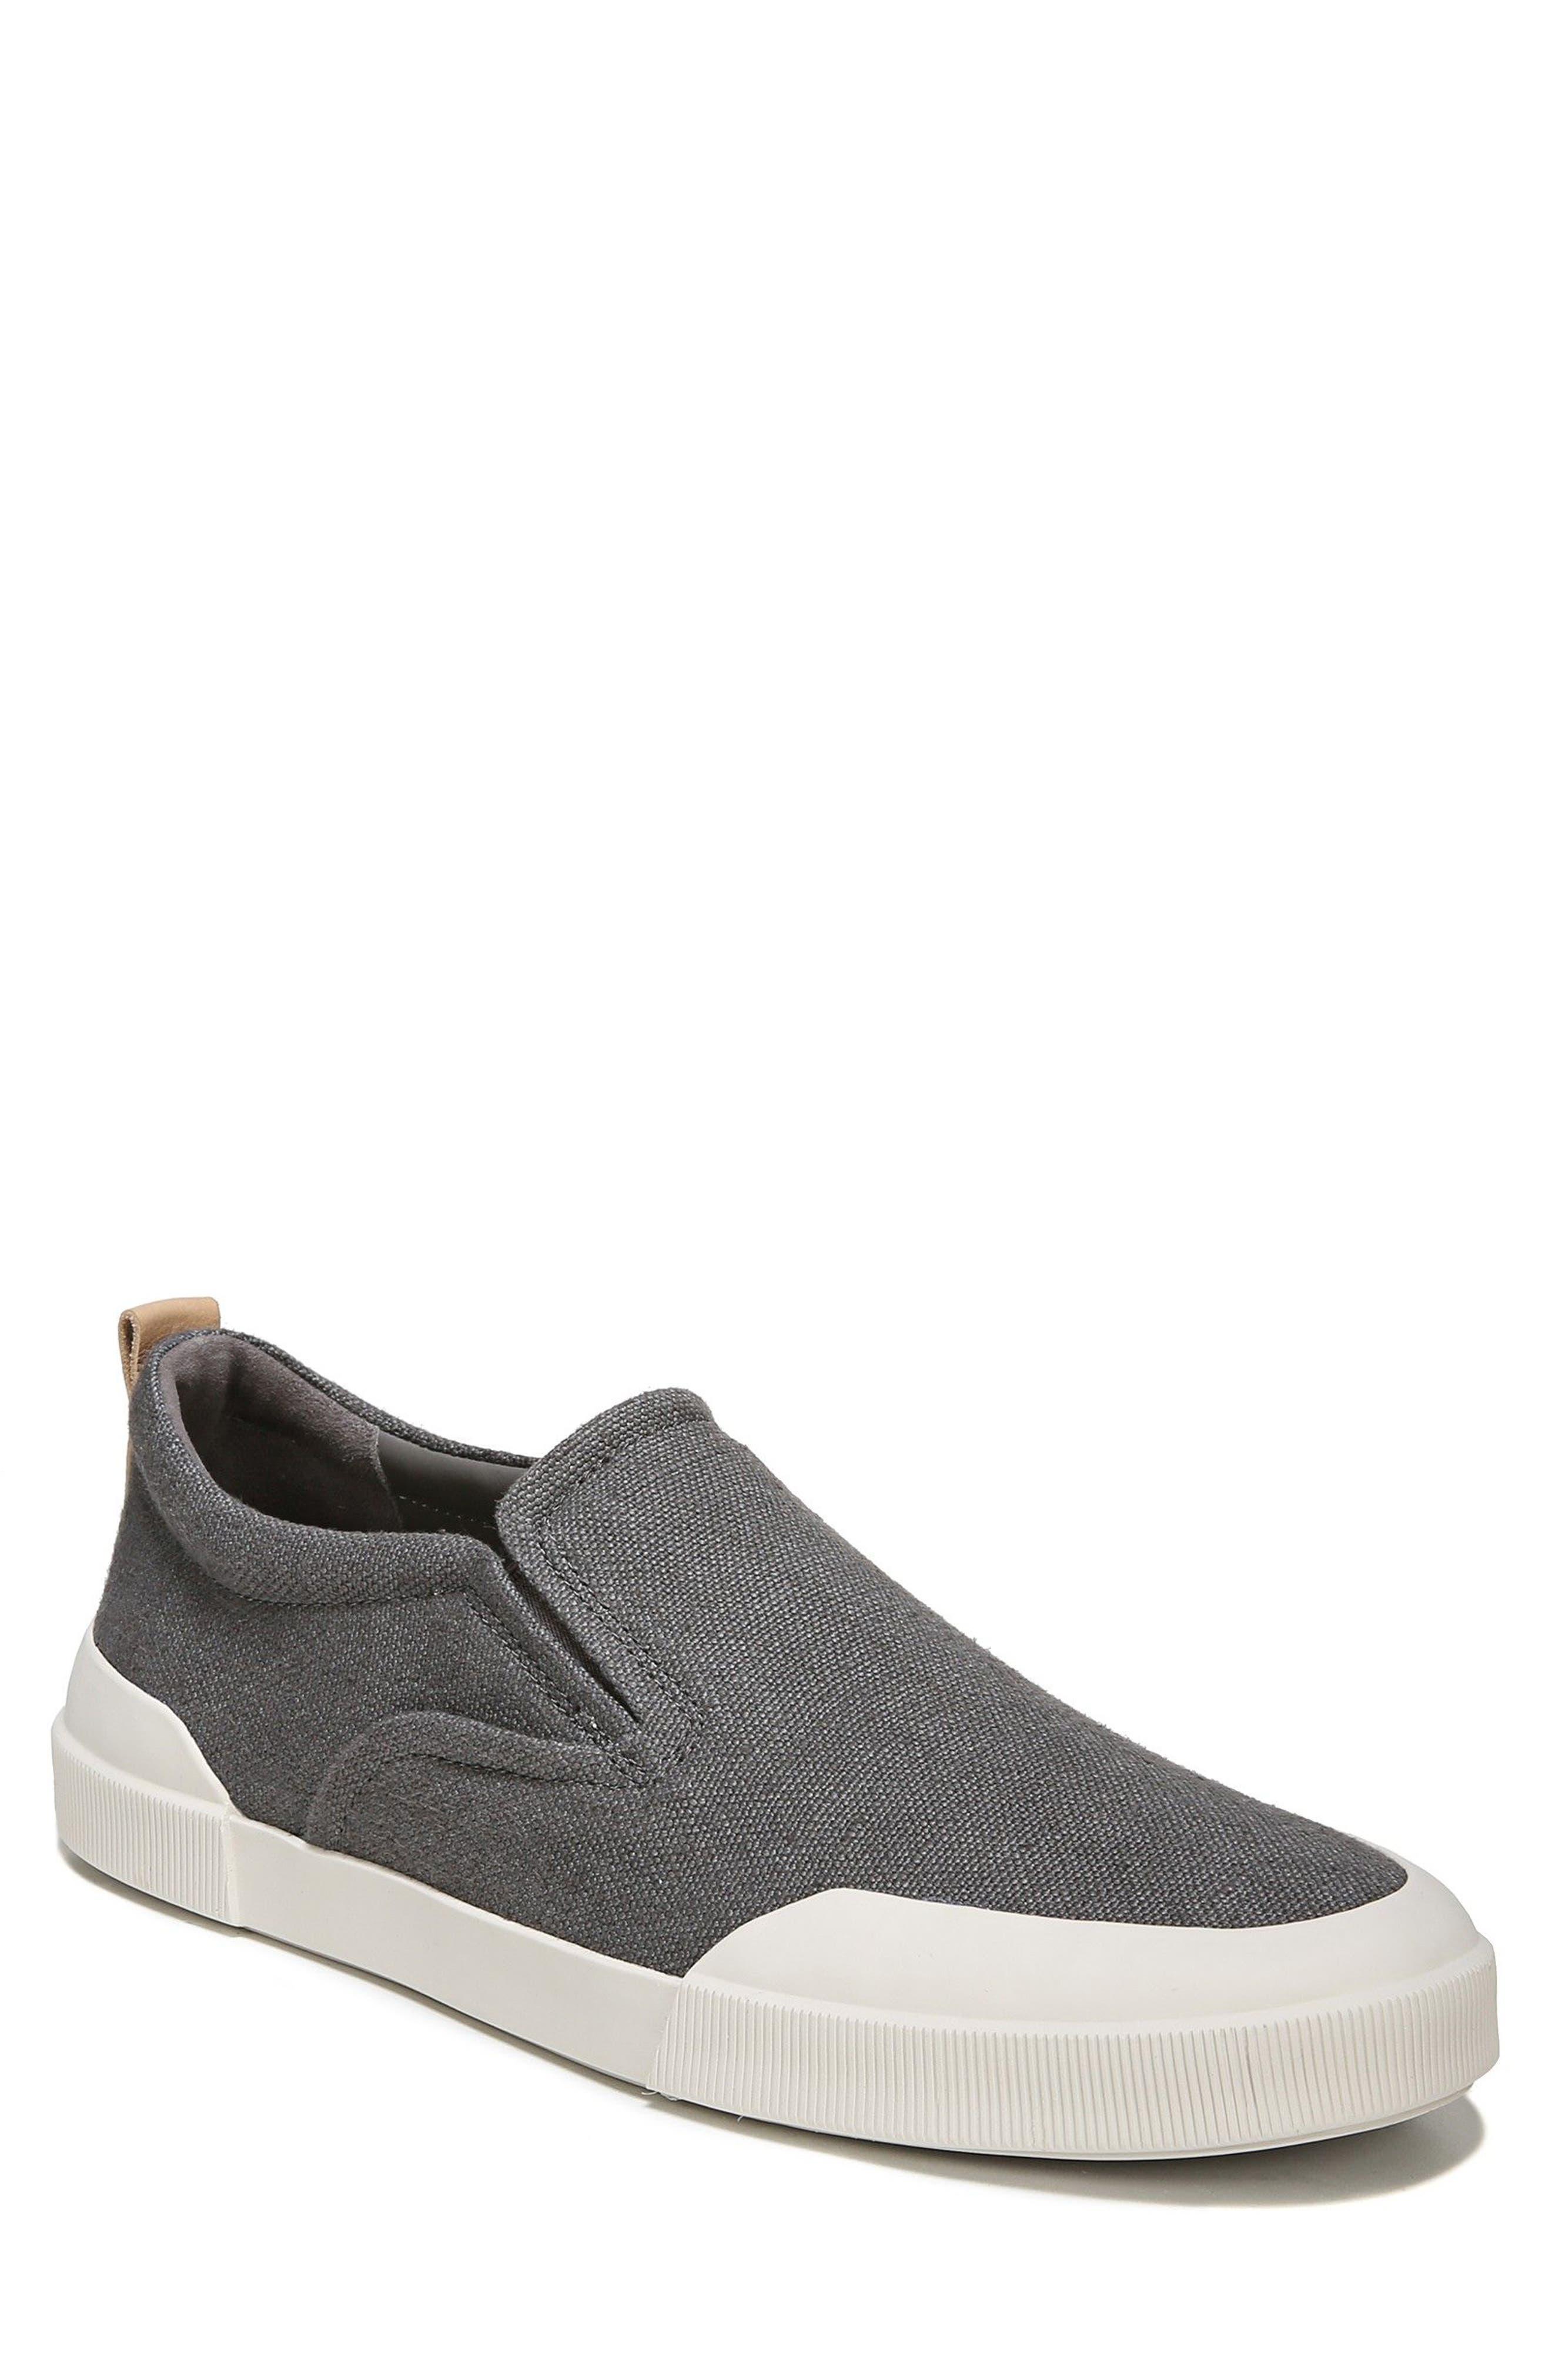 Vernon Slip-On Sneaker,                             Main thumbnail 1, color,                             Graphite/ Cuoio